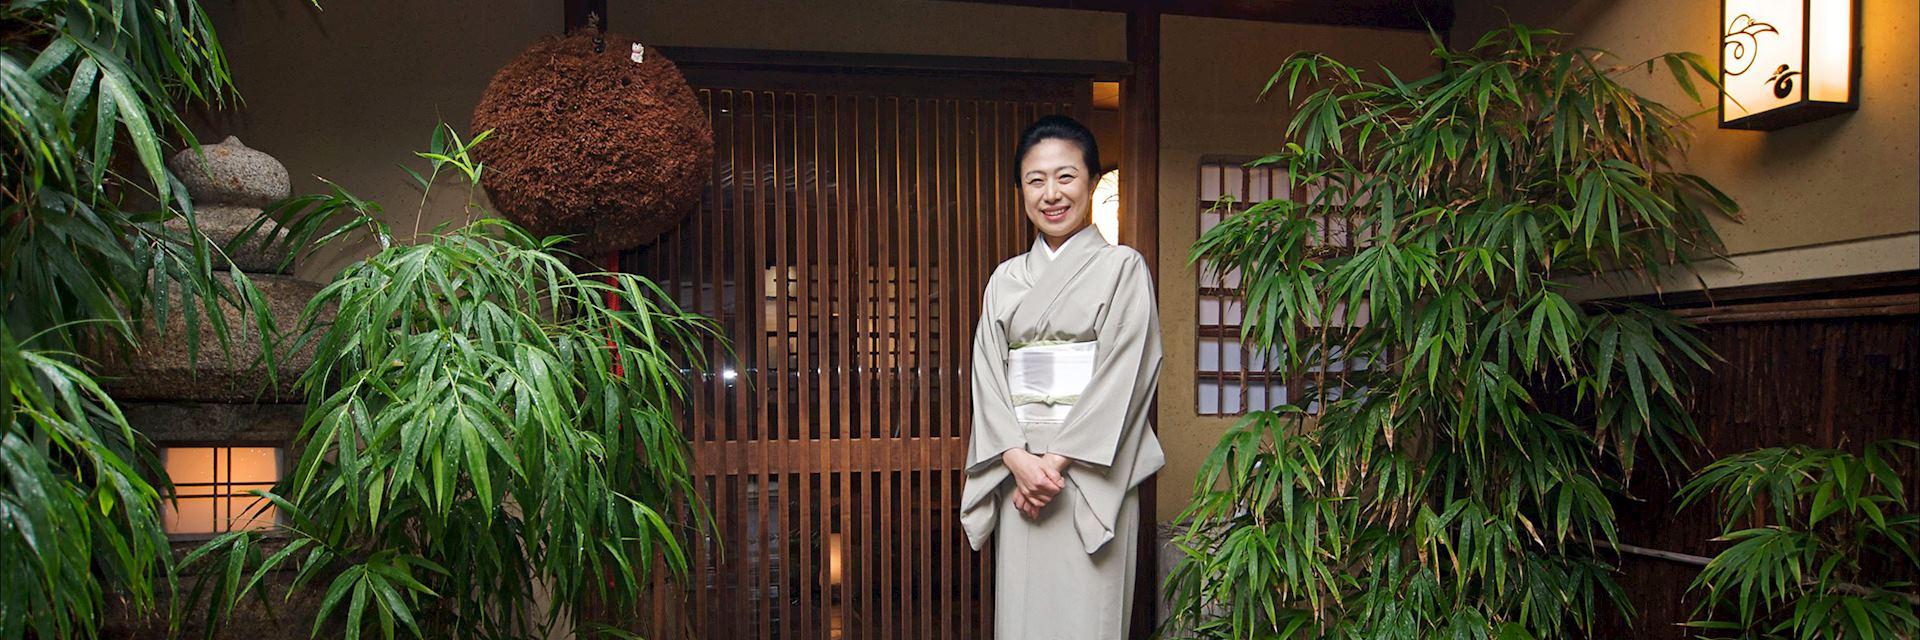 Yoshikawa Ryokan, Kyoto